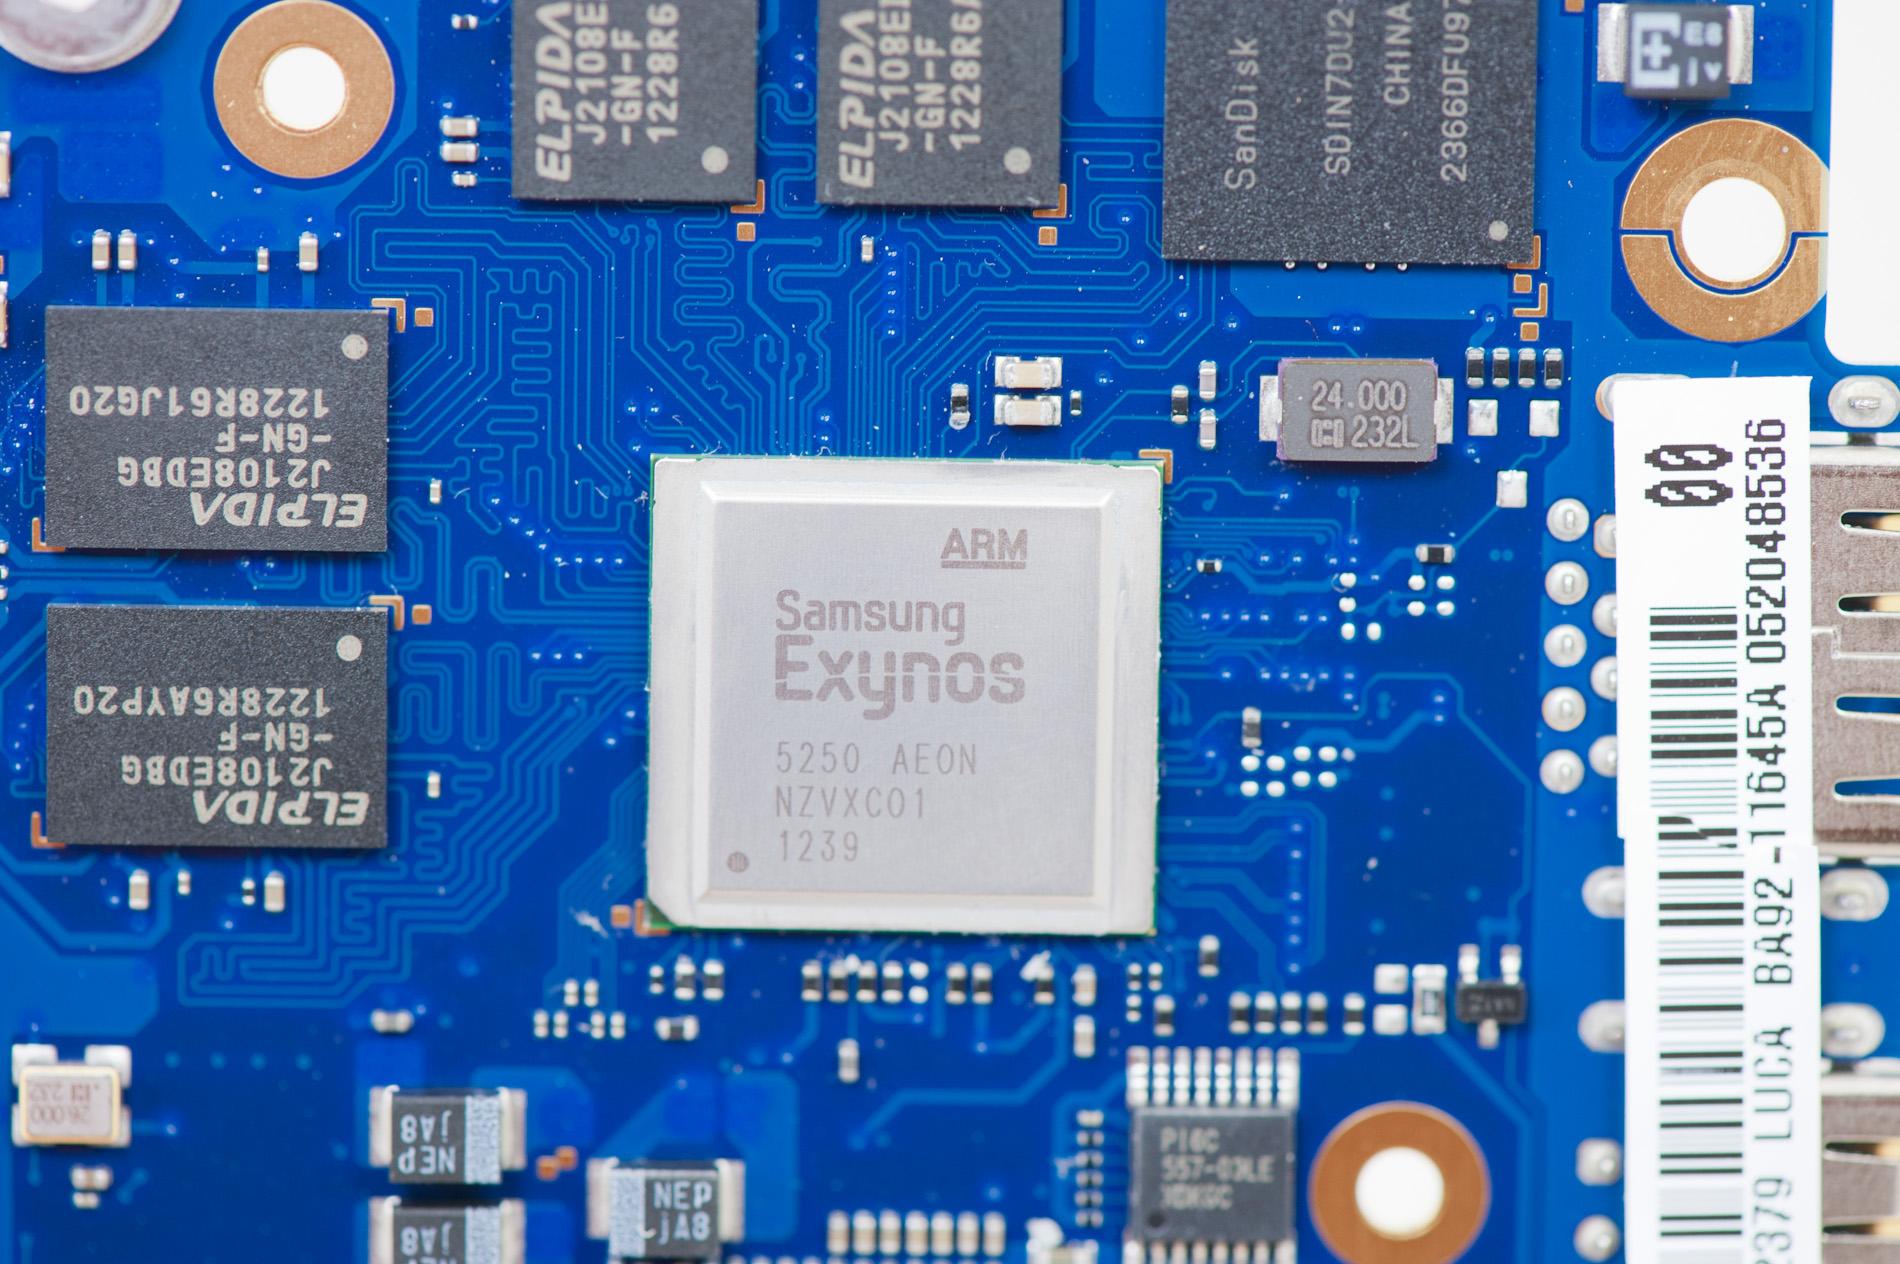 Exynos 5250